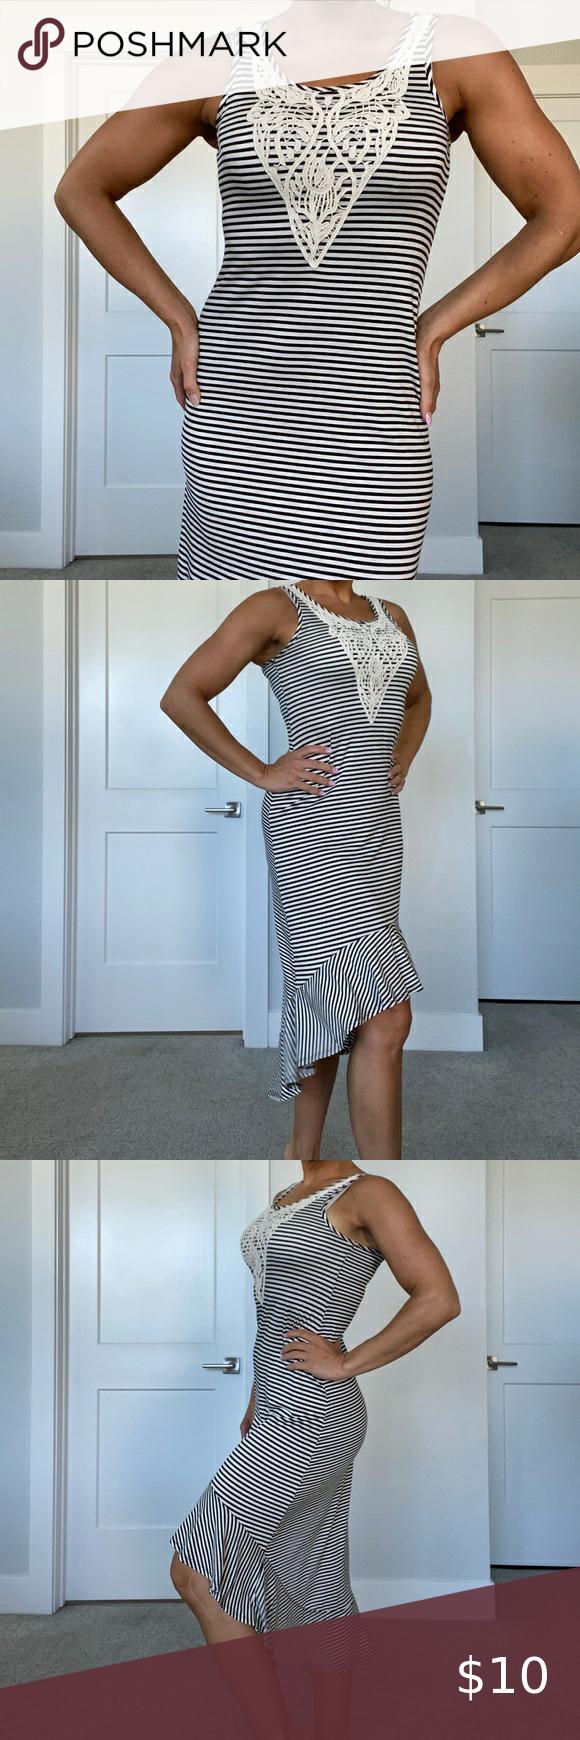 Summer Dress Summer Dresses Dress Size Chart Women Girls Size 16 [ 1740 x 580 Pixel ]